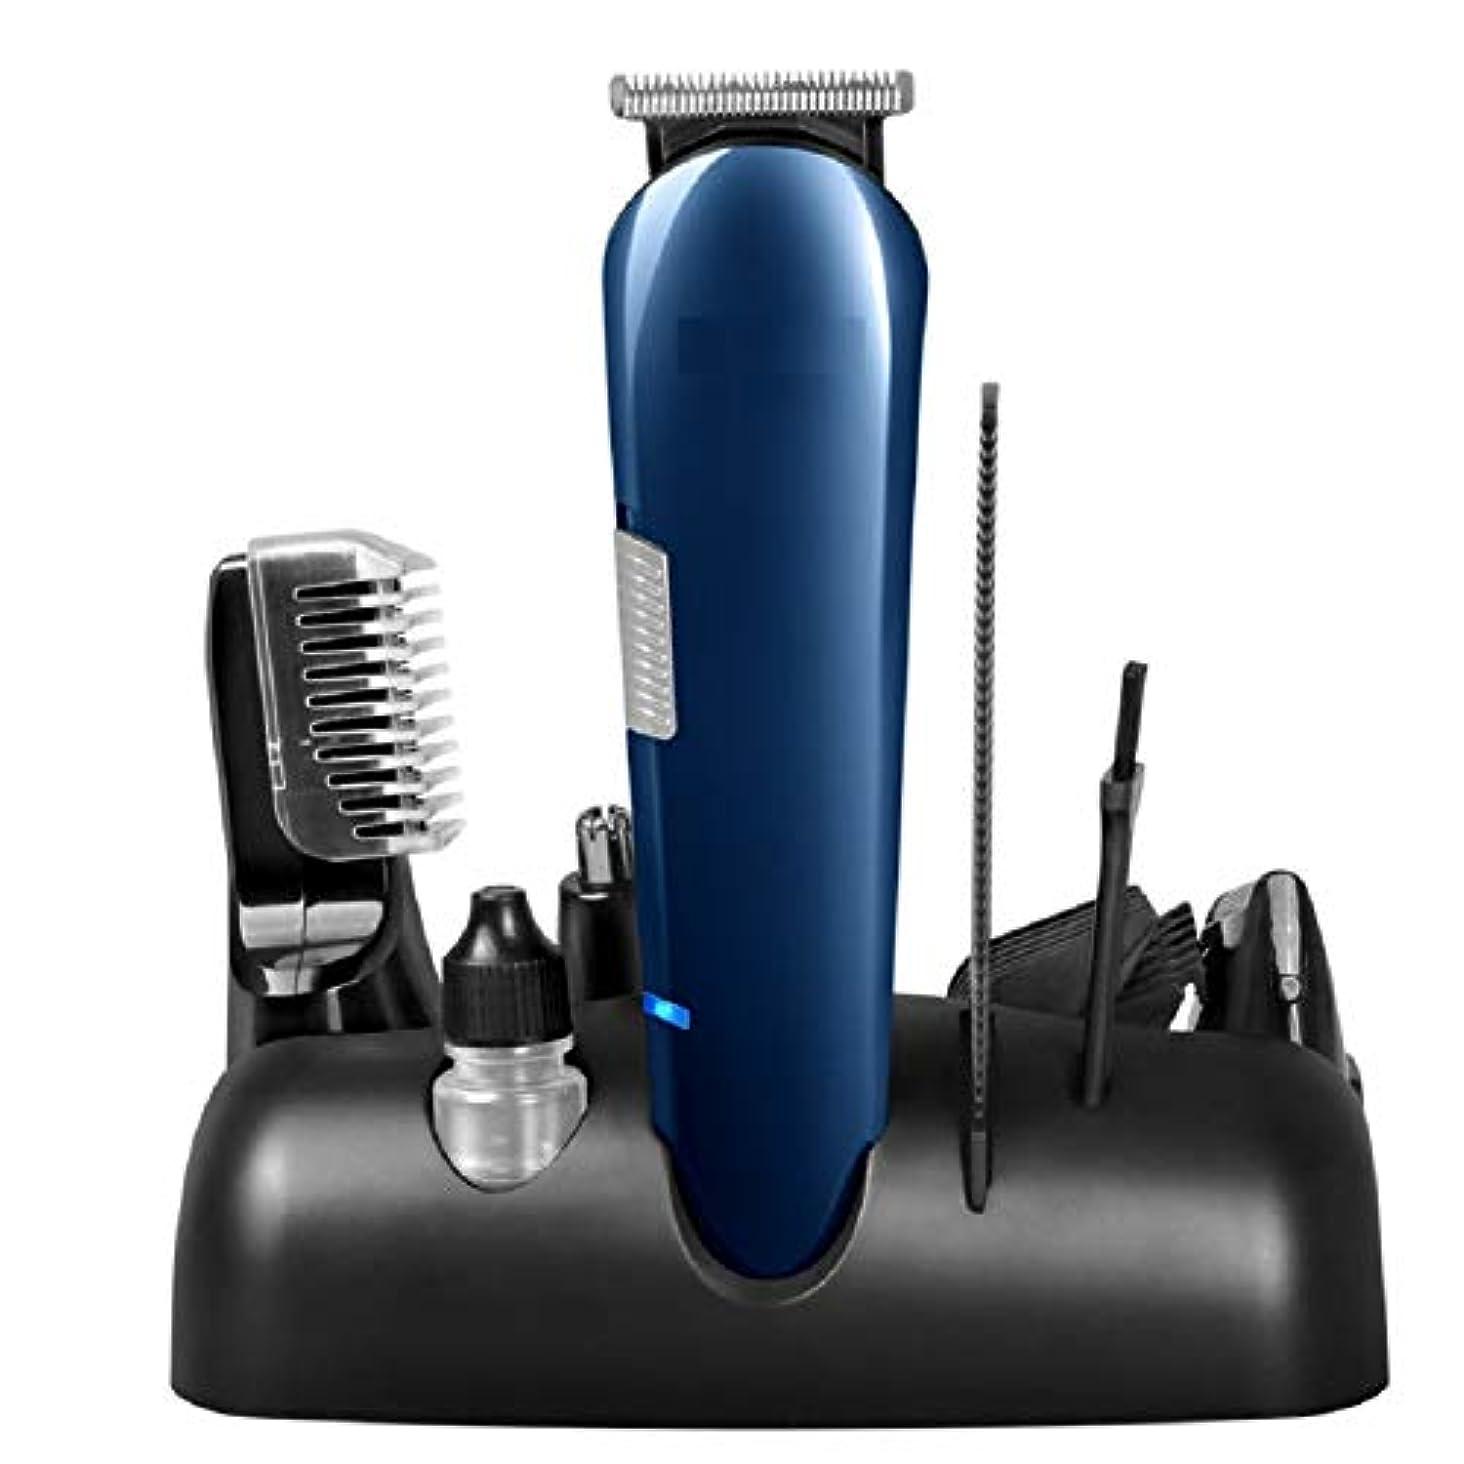 成長ナラーバー民主主義修理キットの多機能ポータブル顔の毛は5つの図形を充電ウェットとドライのデュアルUSBクレードルのさまざまなかみそりスタイリング髪です